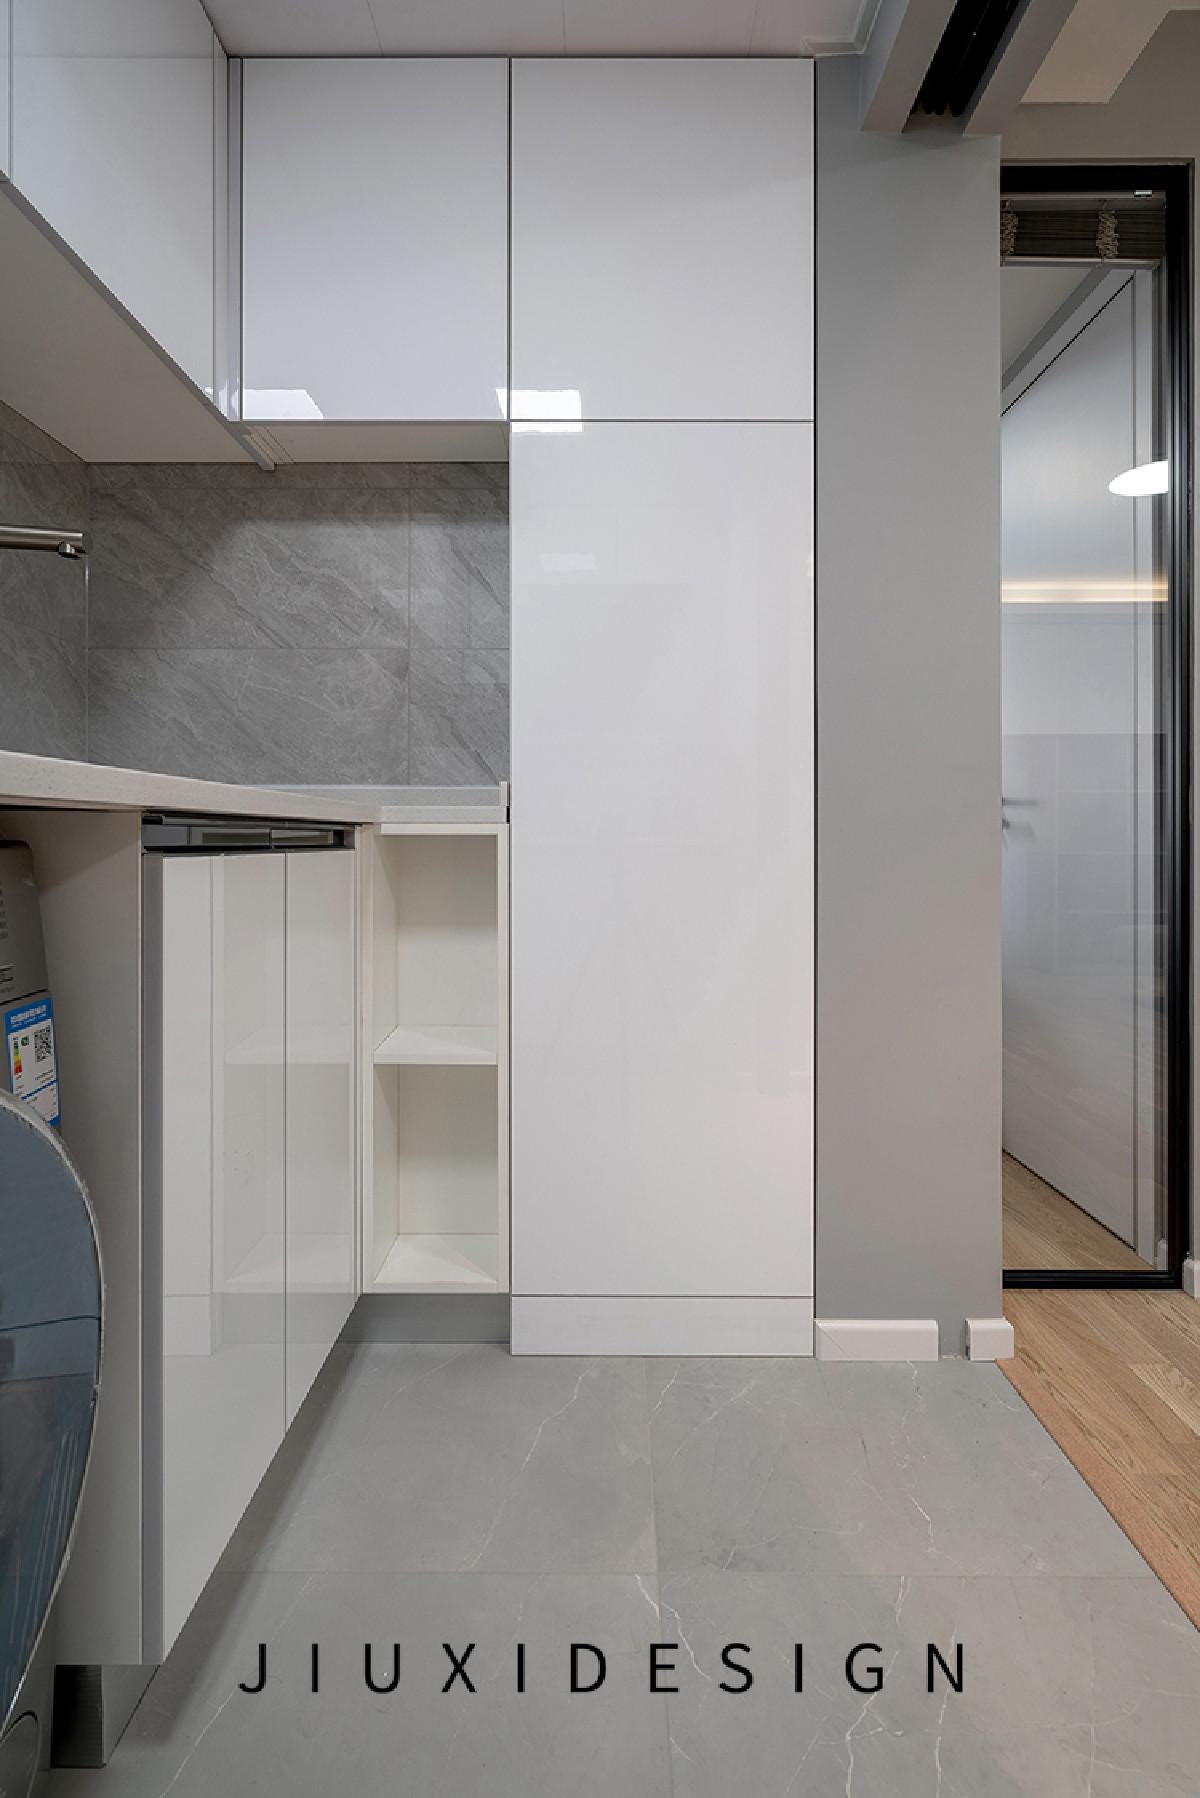 水表与燃气主管藏在橱柜内部,柜门用液压杆开关启,避免把手带来的磕碰。厨房地砖与客厅地板之间用木质扣条衔接,更加美观。